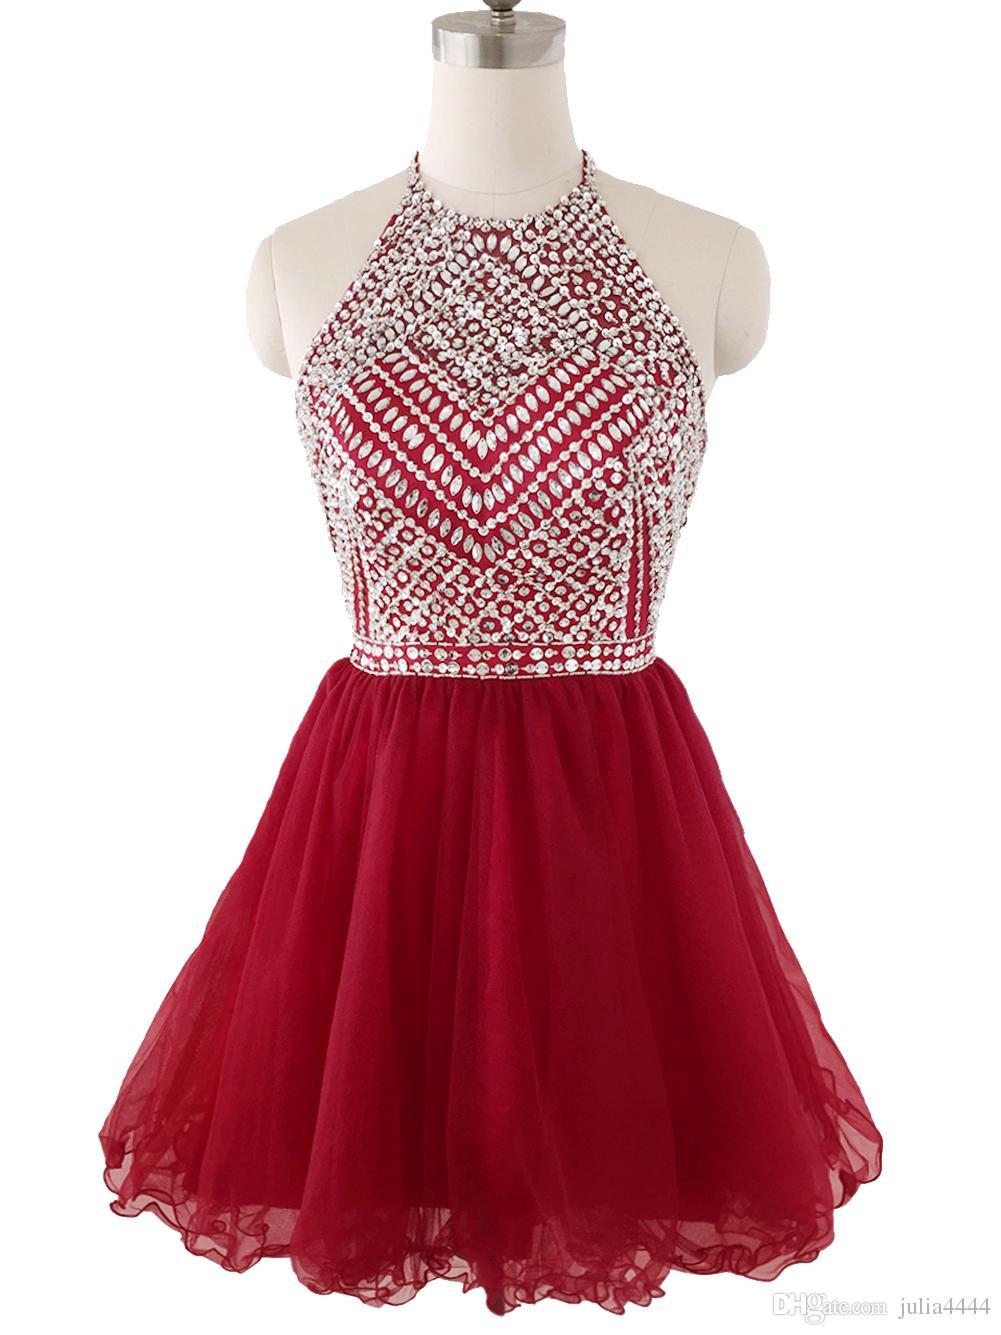 2019 Burgundy Short HomeComing платья Halter Sequins Bears Кристаллы Пухлая юбка Коктейль Партия платье младшие выпускные платья без спины